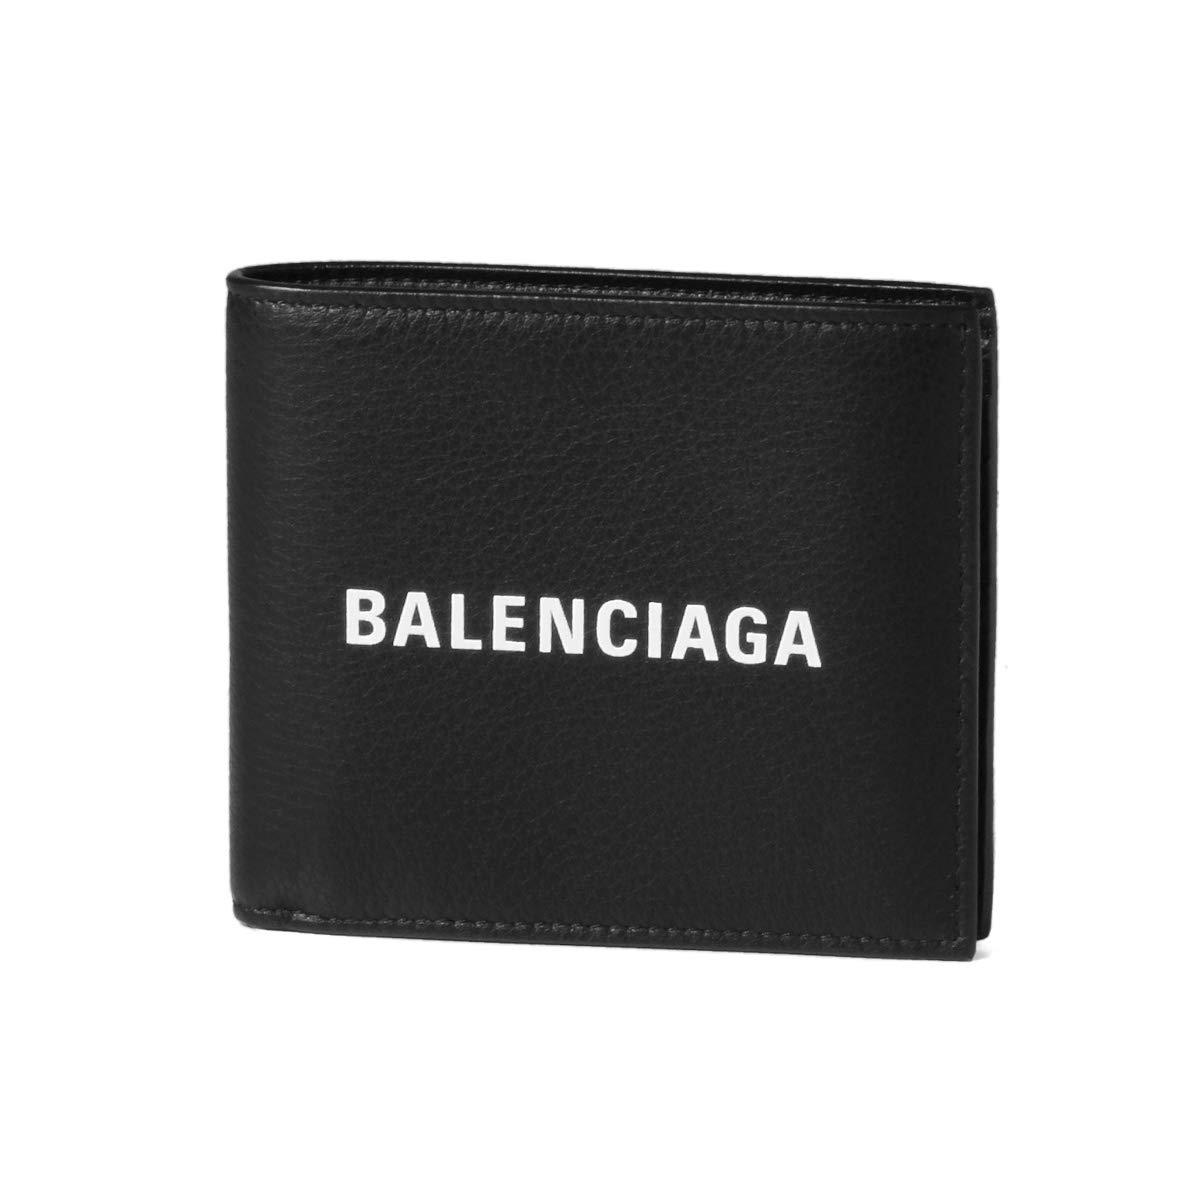 (バレンシアガ) BALENCIAGA 二つ折り財布 EVERYDAY ブラック 485108 DLQHN 1060 [並行輸入品] B07KP1JP76